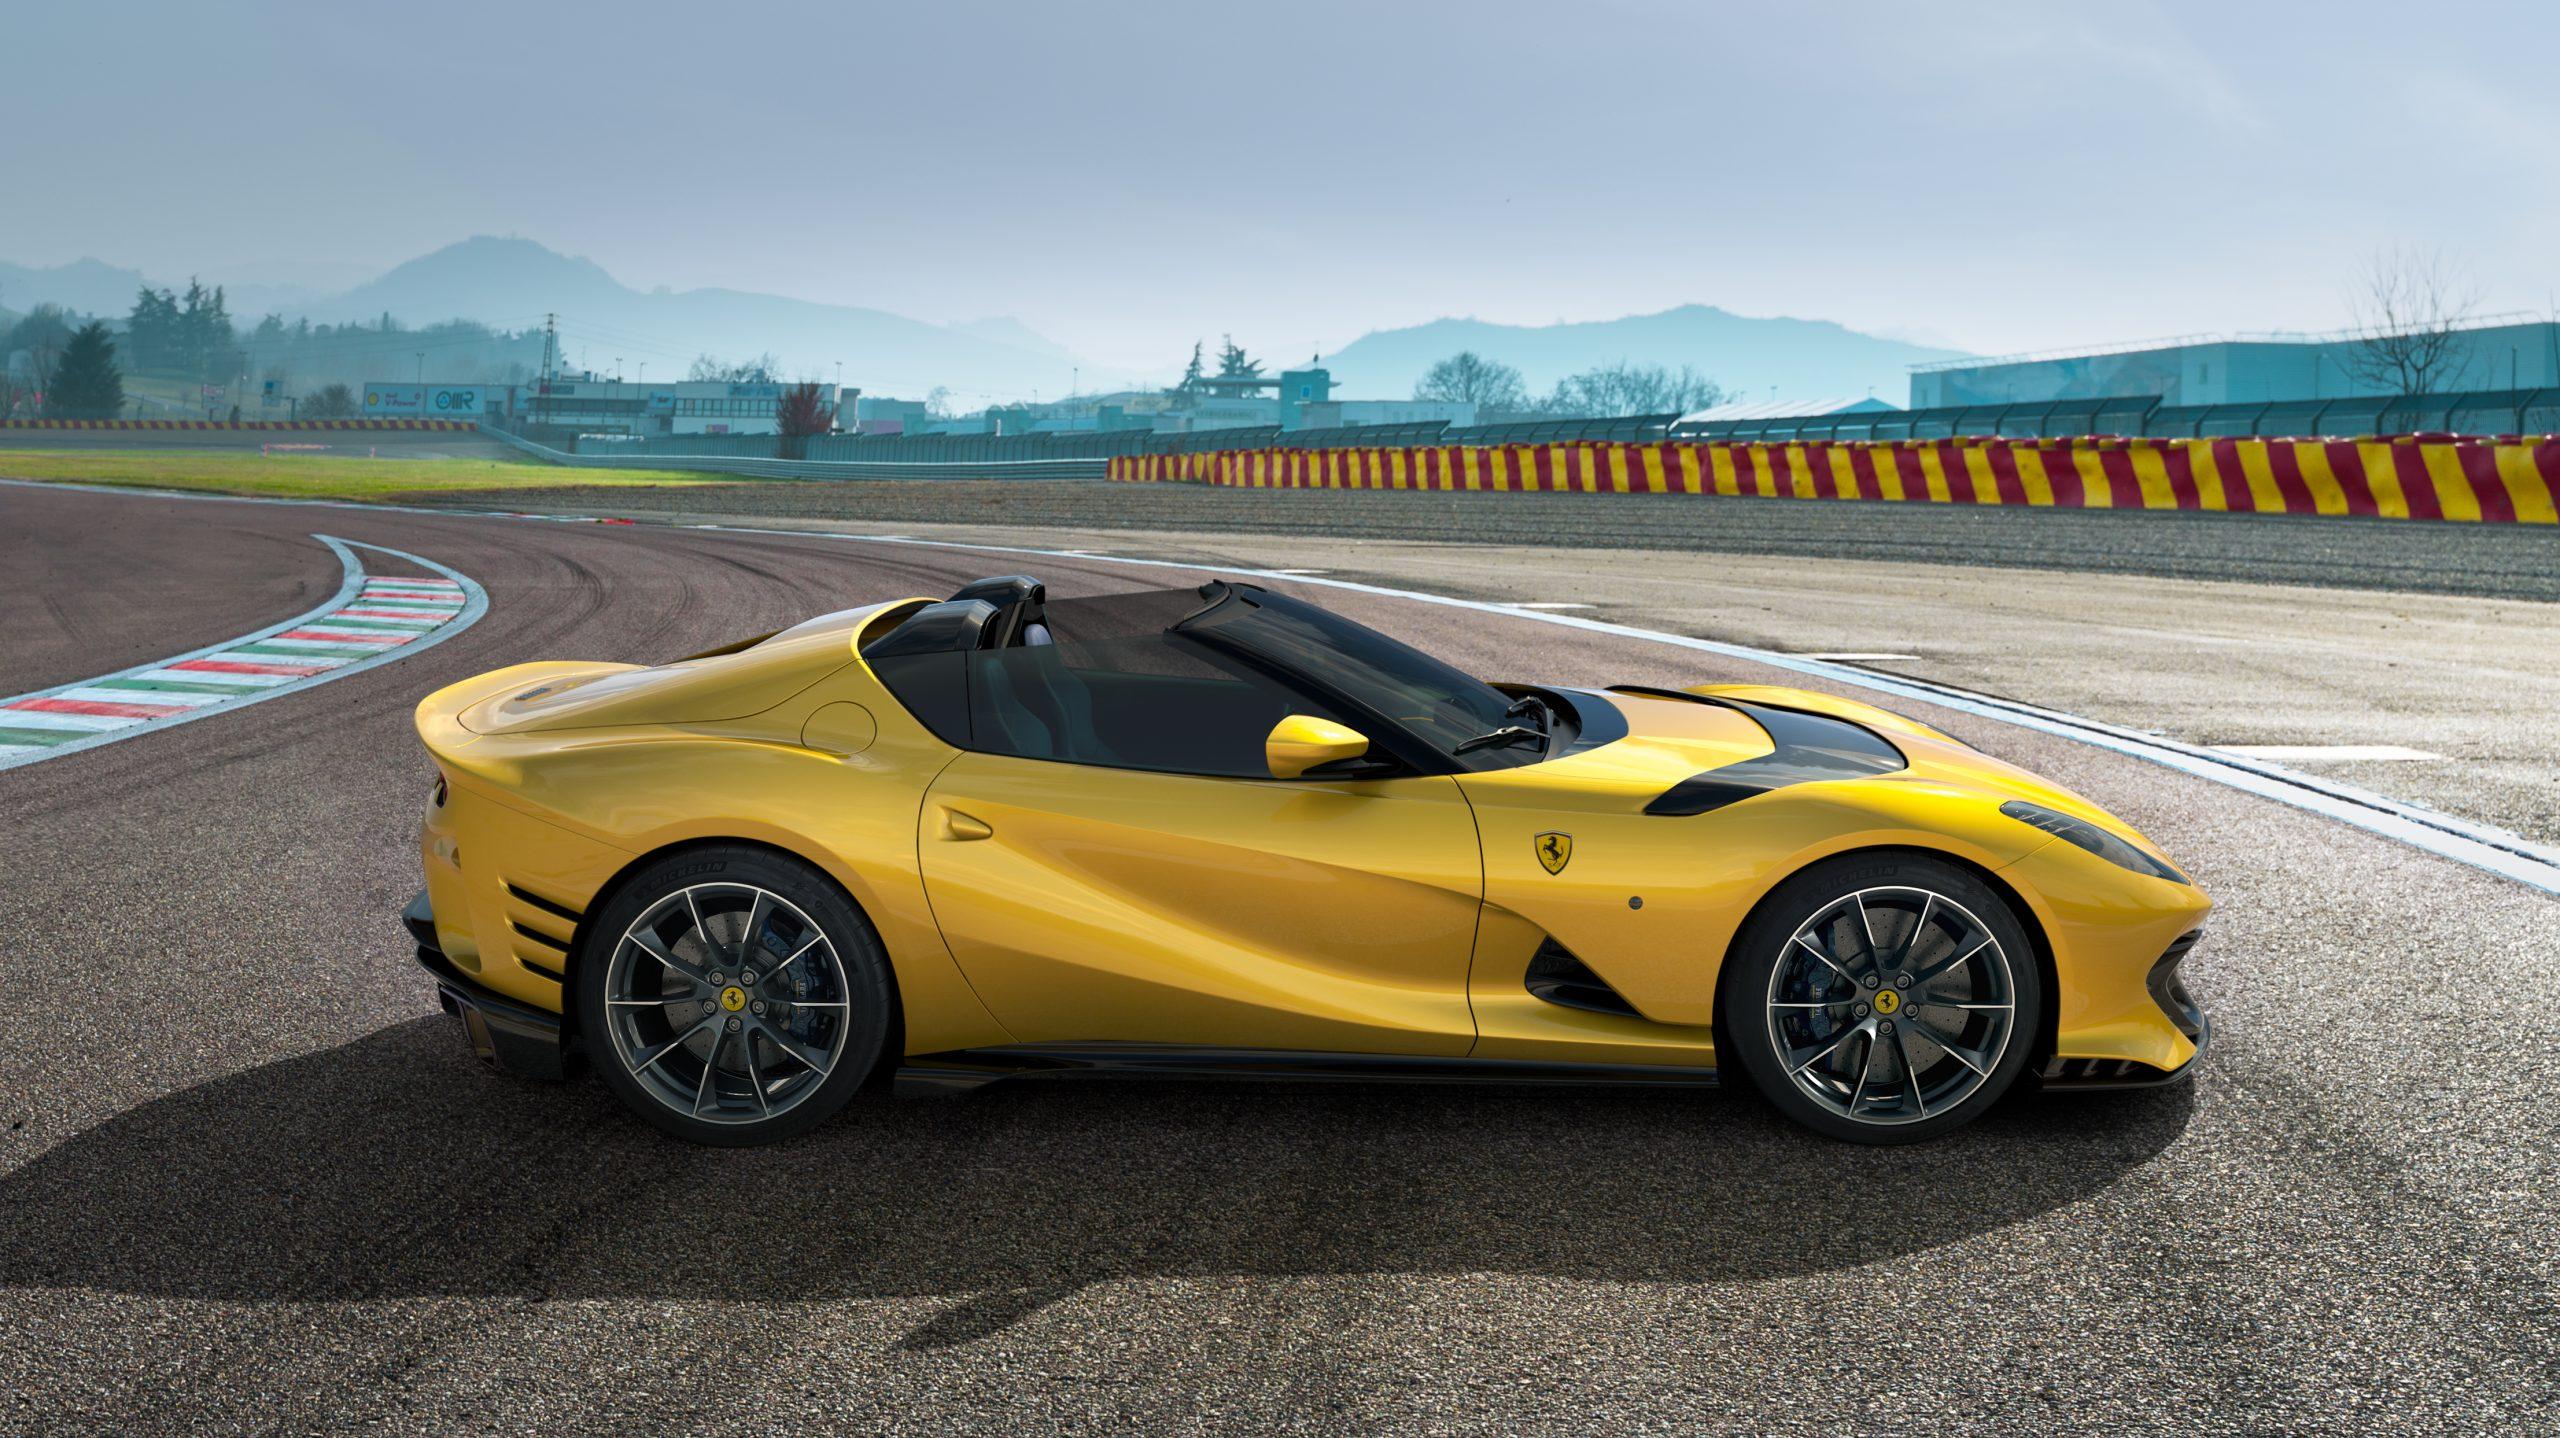 Ferrari 812 Competizione side profile